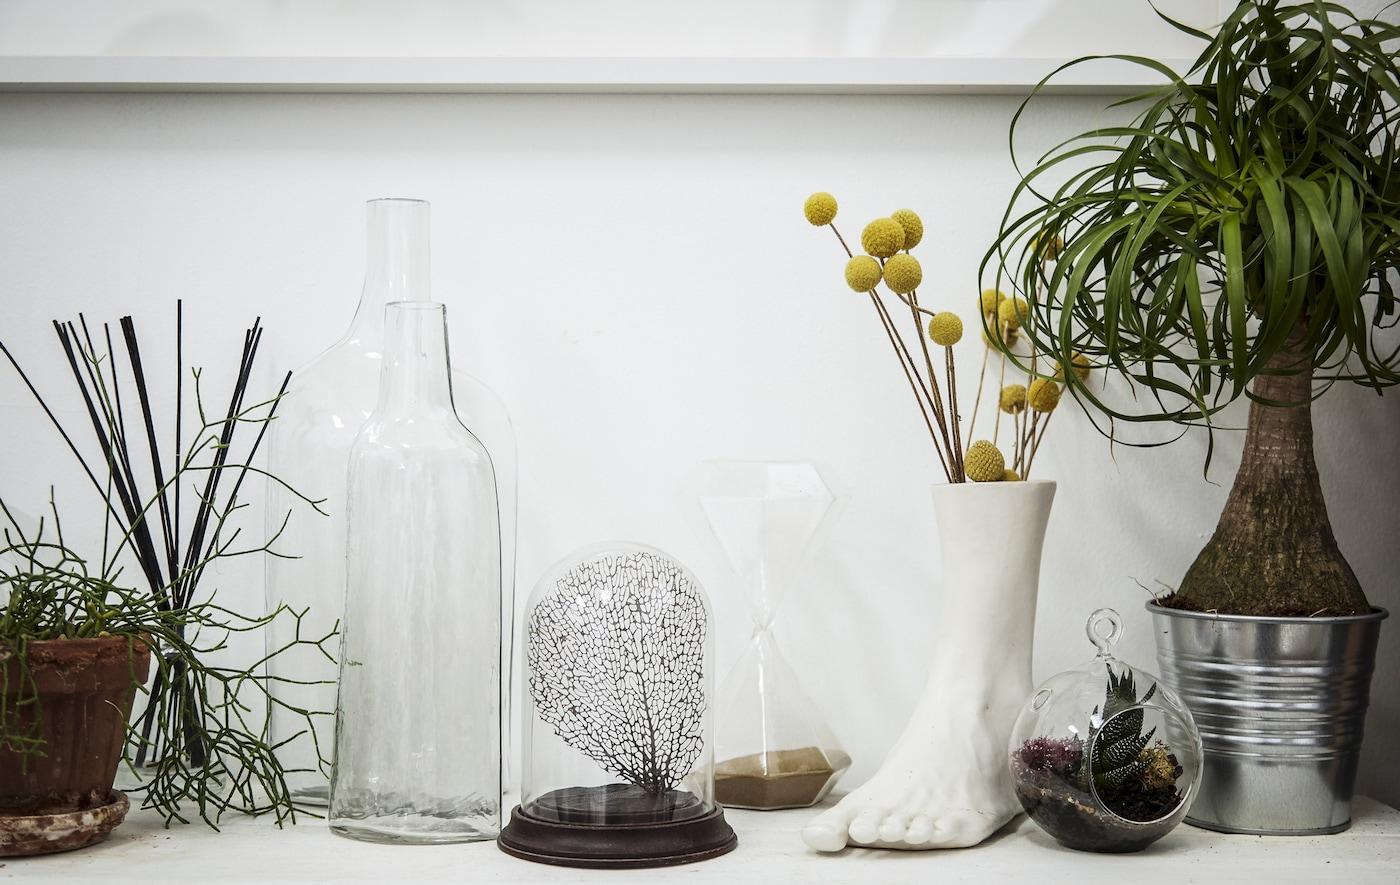 Plantas en diferentes macetas y floreros.